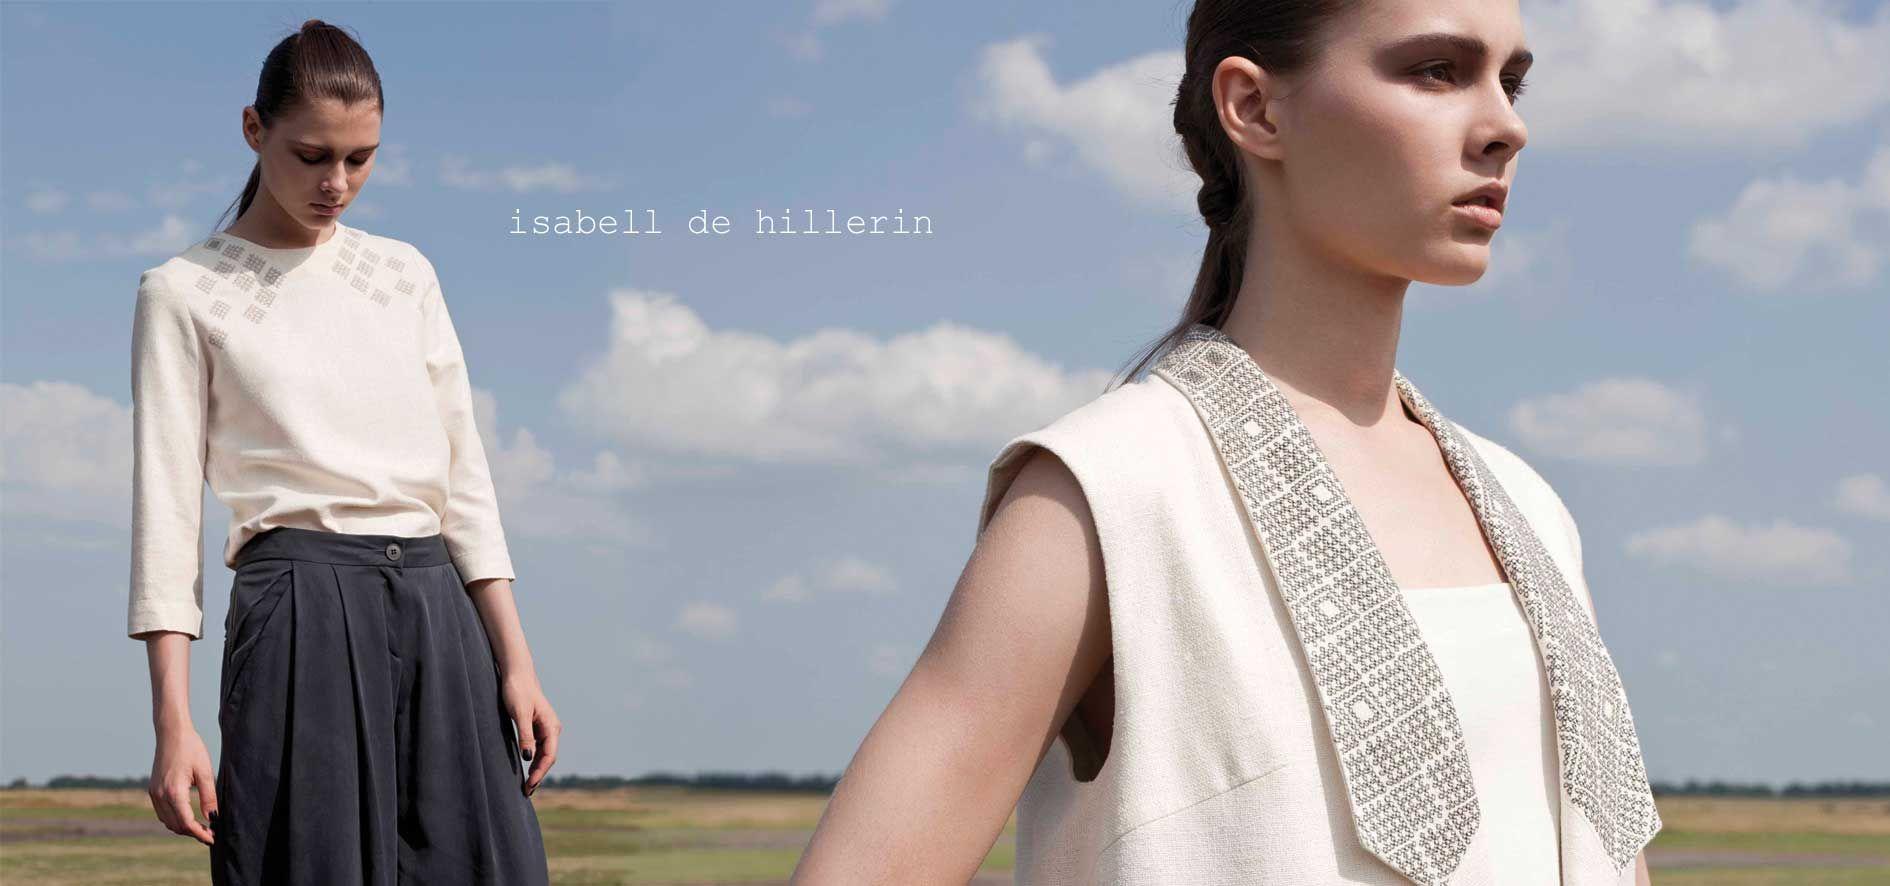 isabell de hillerin : fashion designer